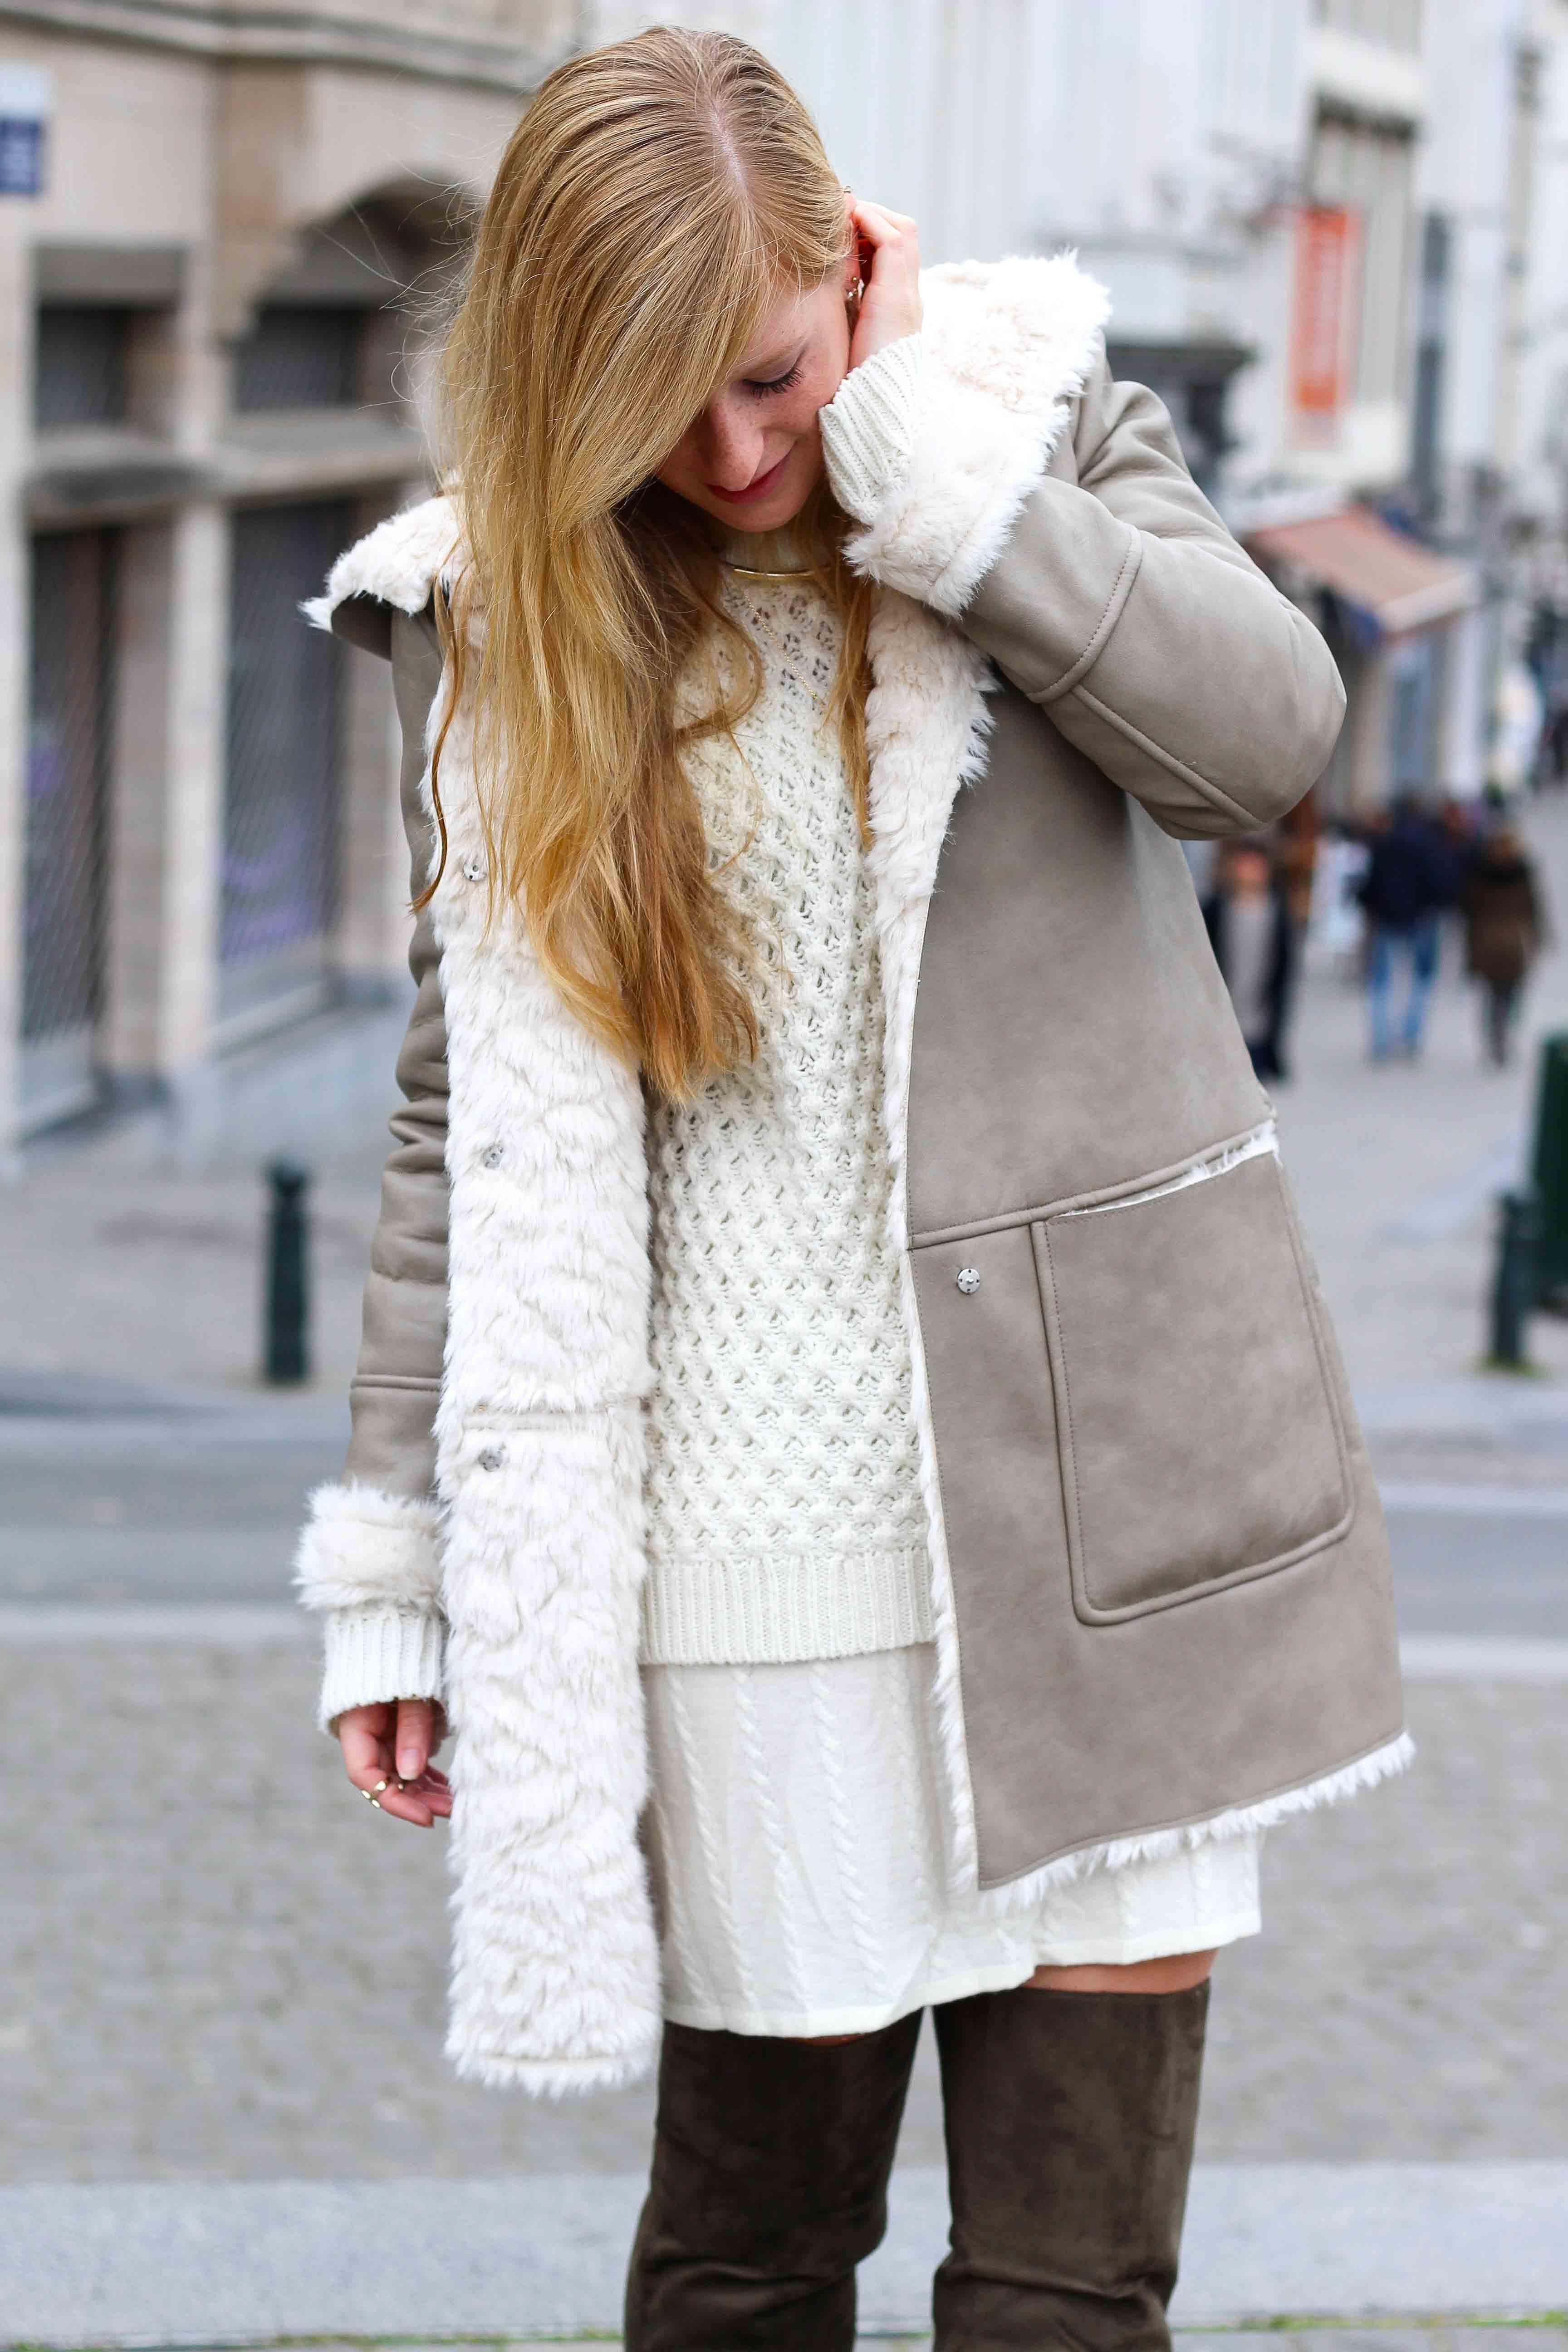 Grüne Overknees Zara Ledermantel Overknee Stiefel Nude Wollkleid Fashion Look Modeblog 7